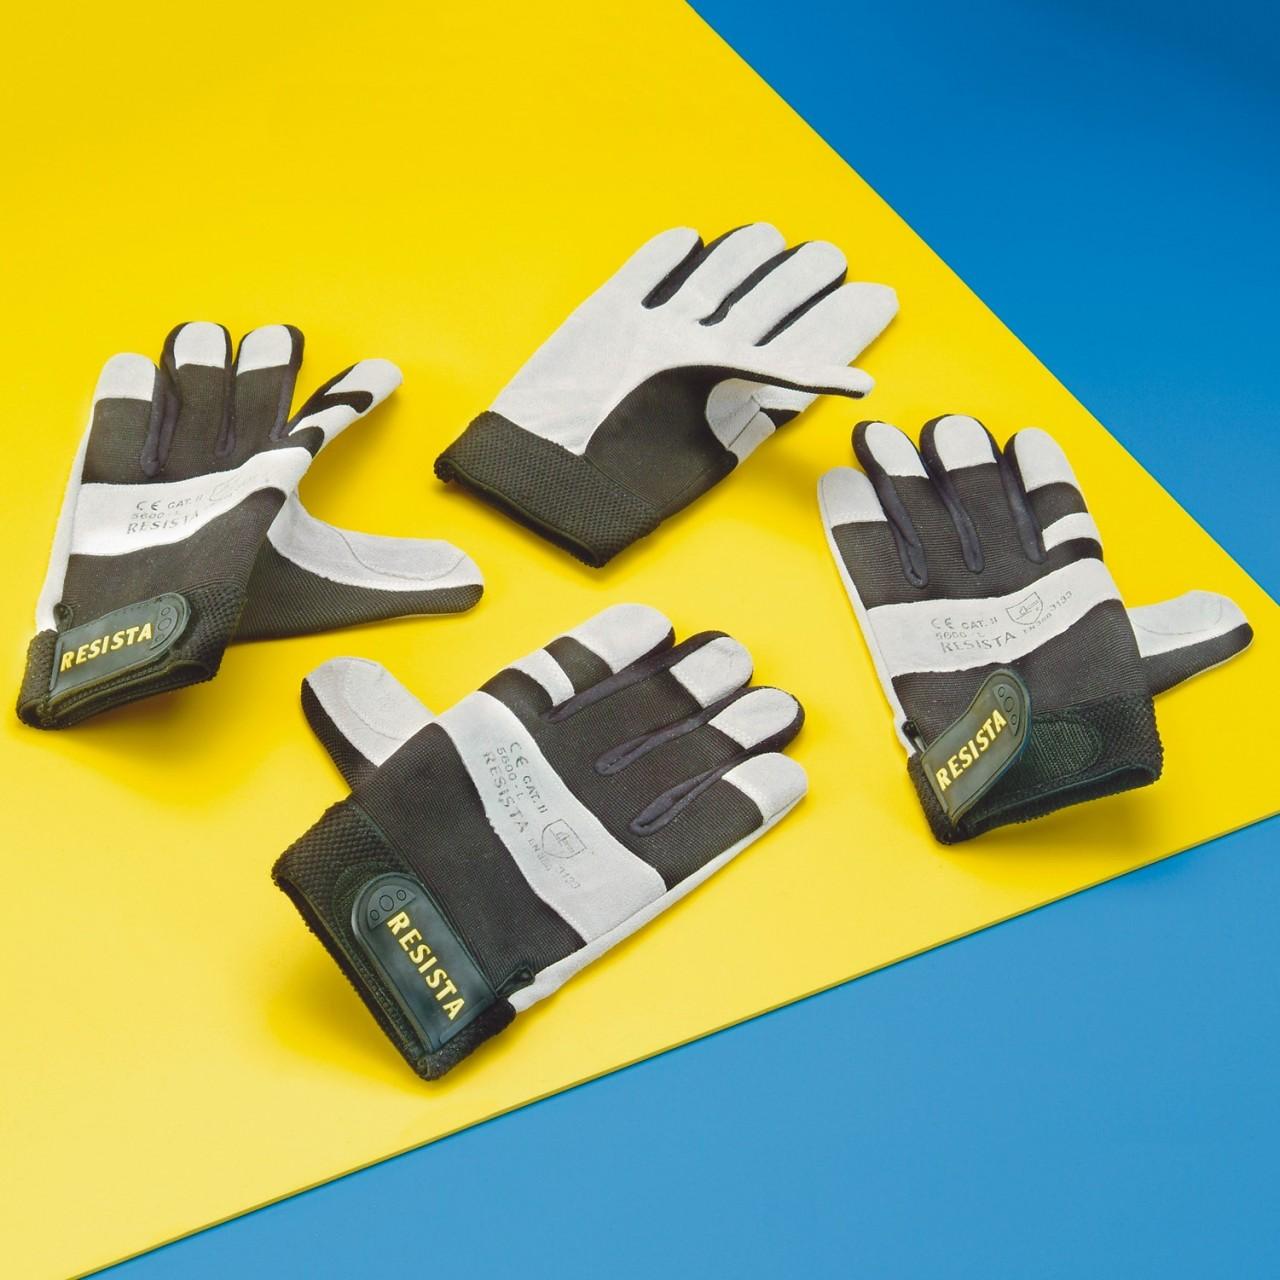 Schutzhandschuhe |RESISTA TECH